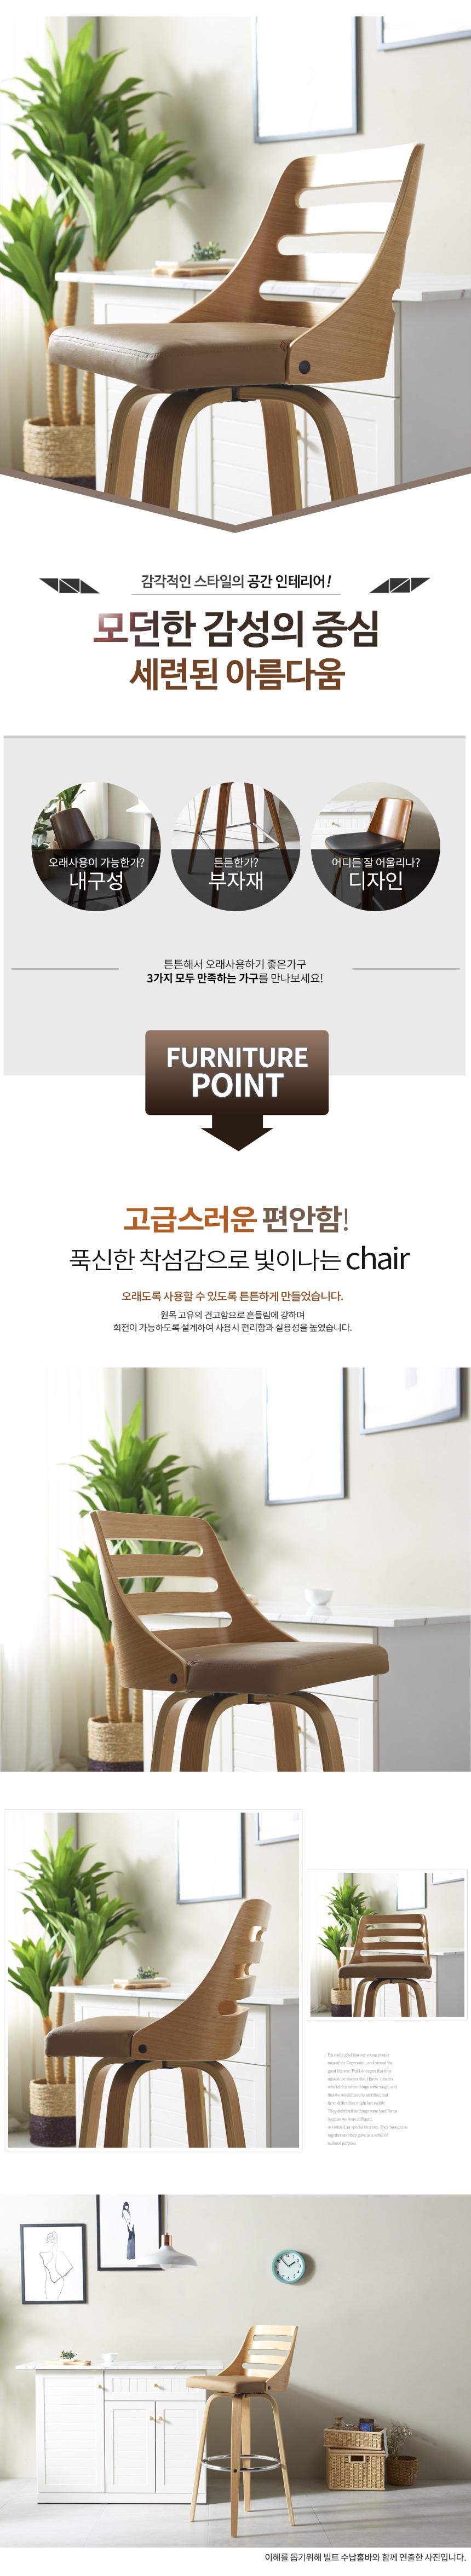 렌디 빠체어 - (주)동화속나무, 147,000원, 디자인 의자, 디자인 의자